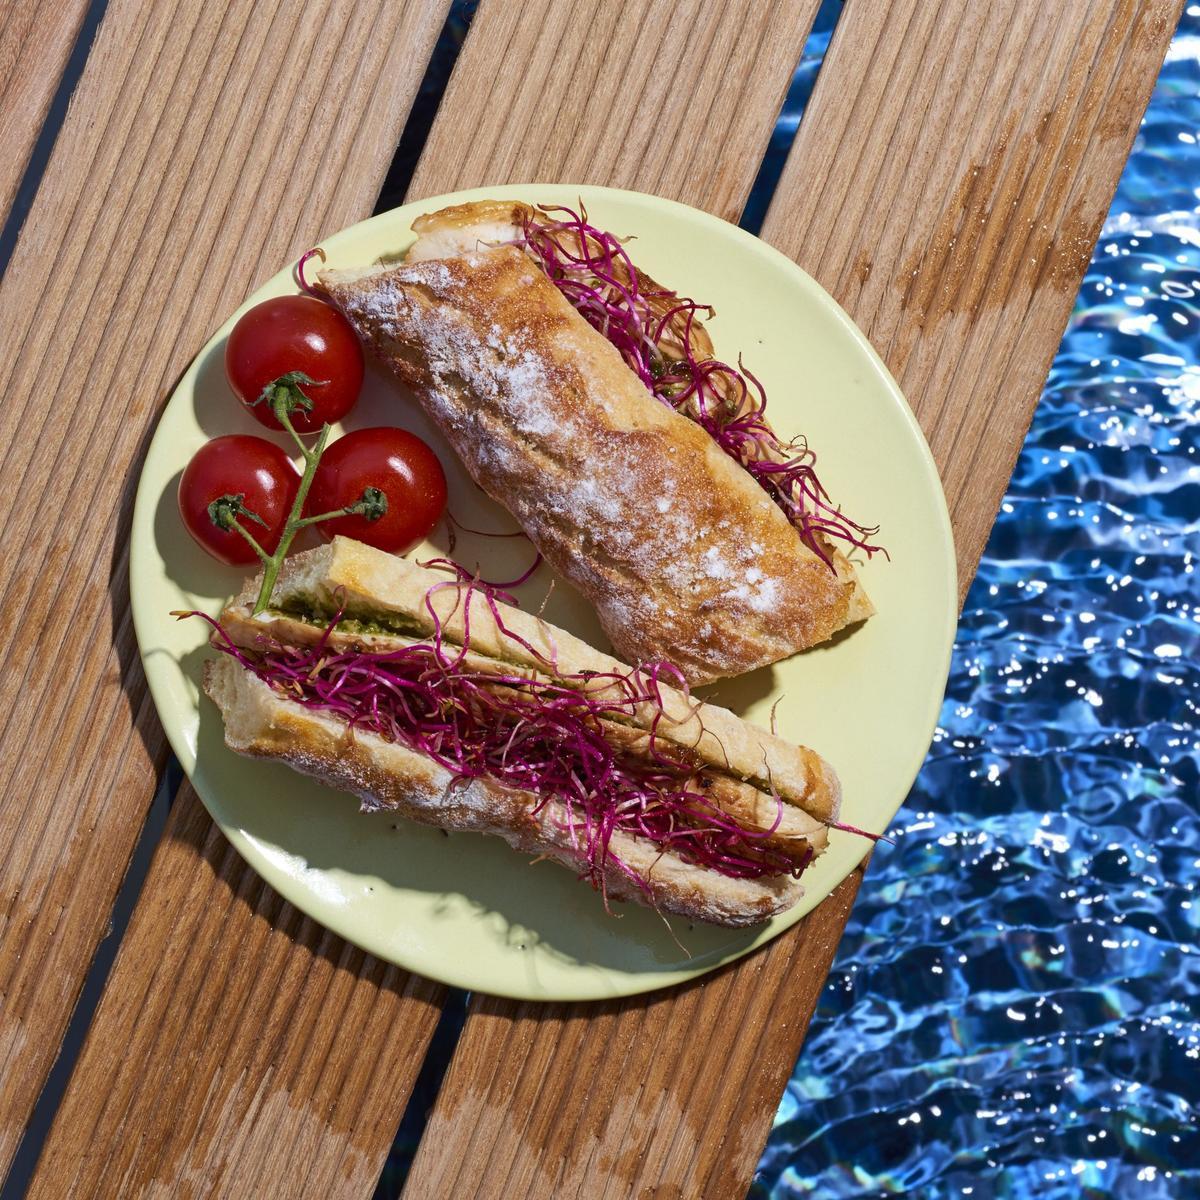 Recette sandwich au poulet sans gluten cuisine madame figaro - Cuisine sans gluten recettes ...